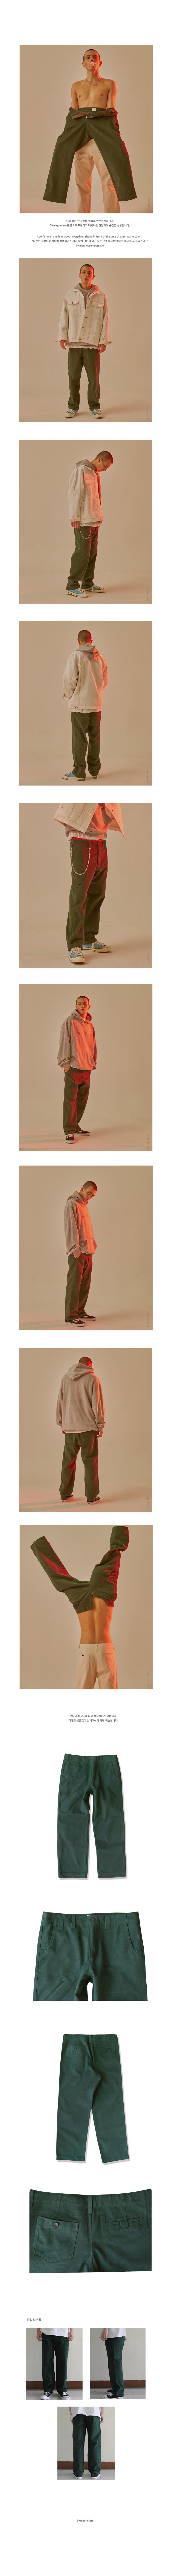 누아네임(NUANAME) 5P20 (regula fit pants green)